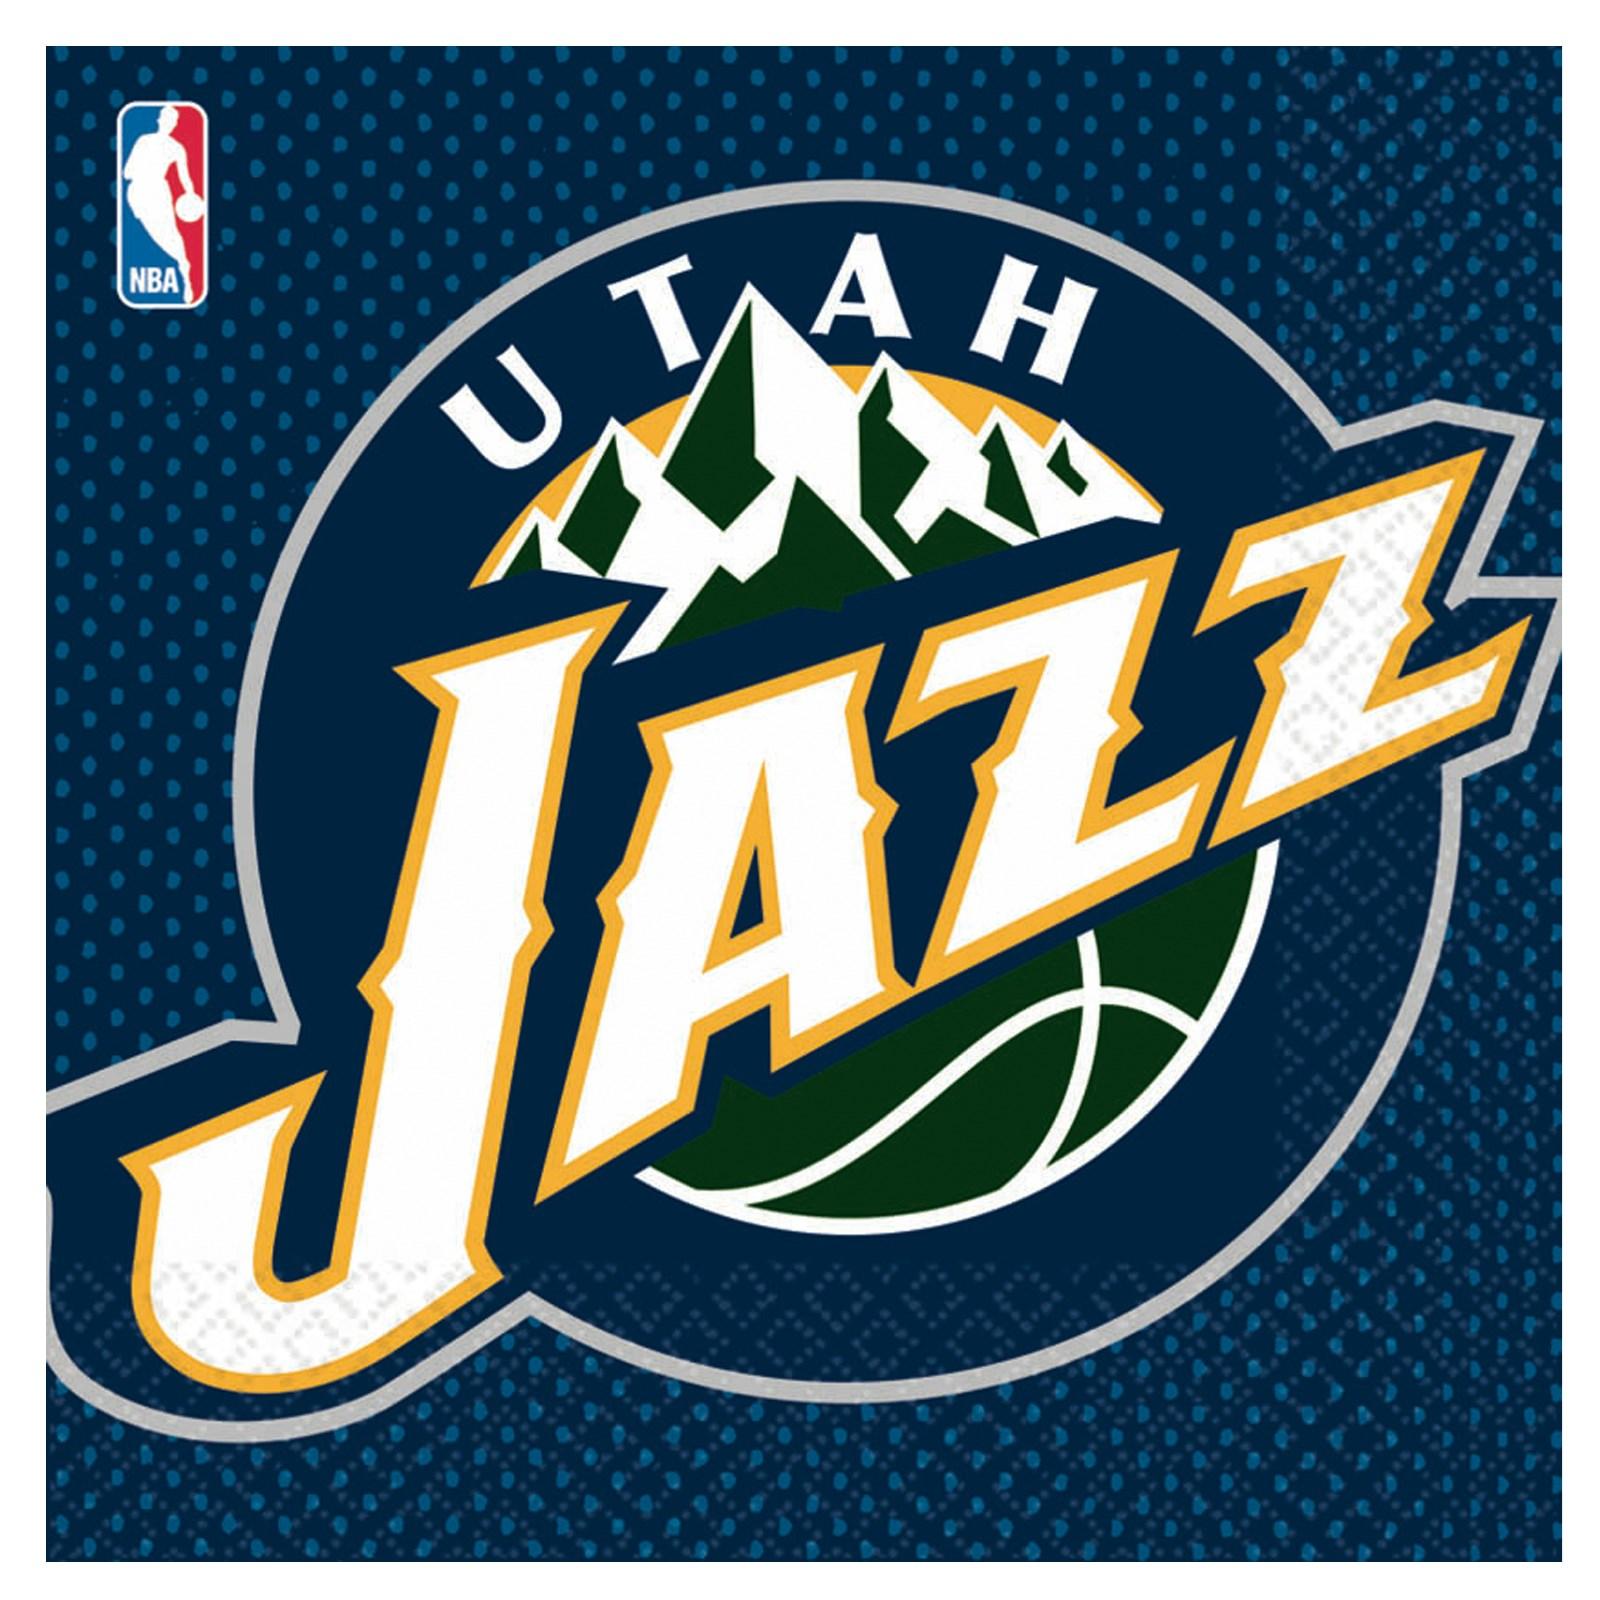 Utah Jazz Basketball Lunch Napkins BirthdayExpresscom